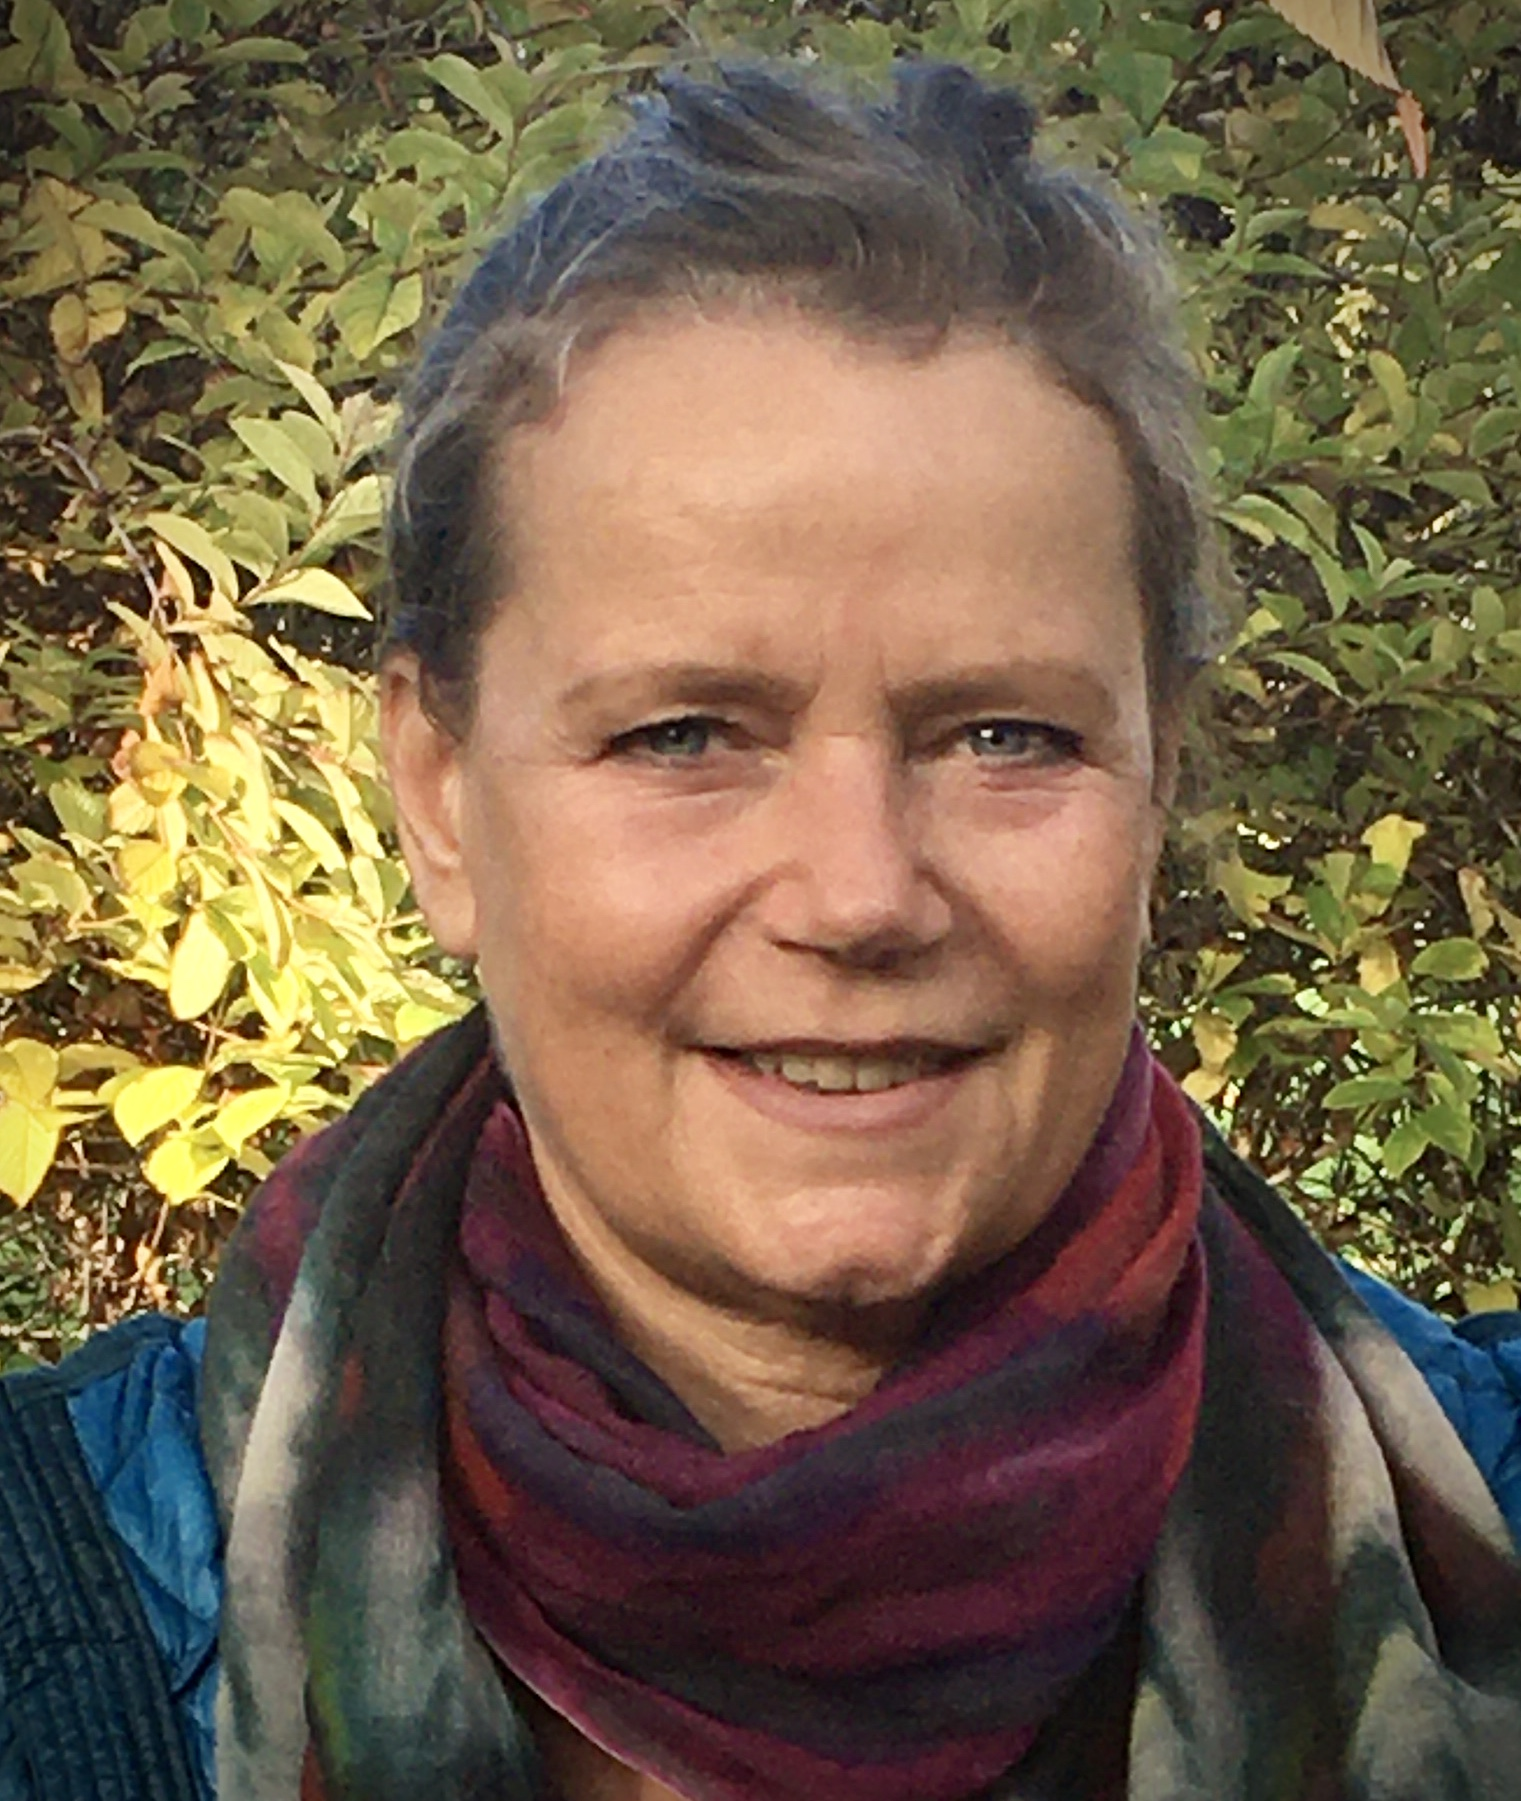 Daniela Schmidtt